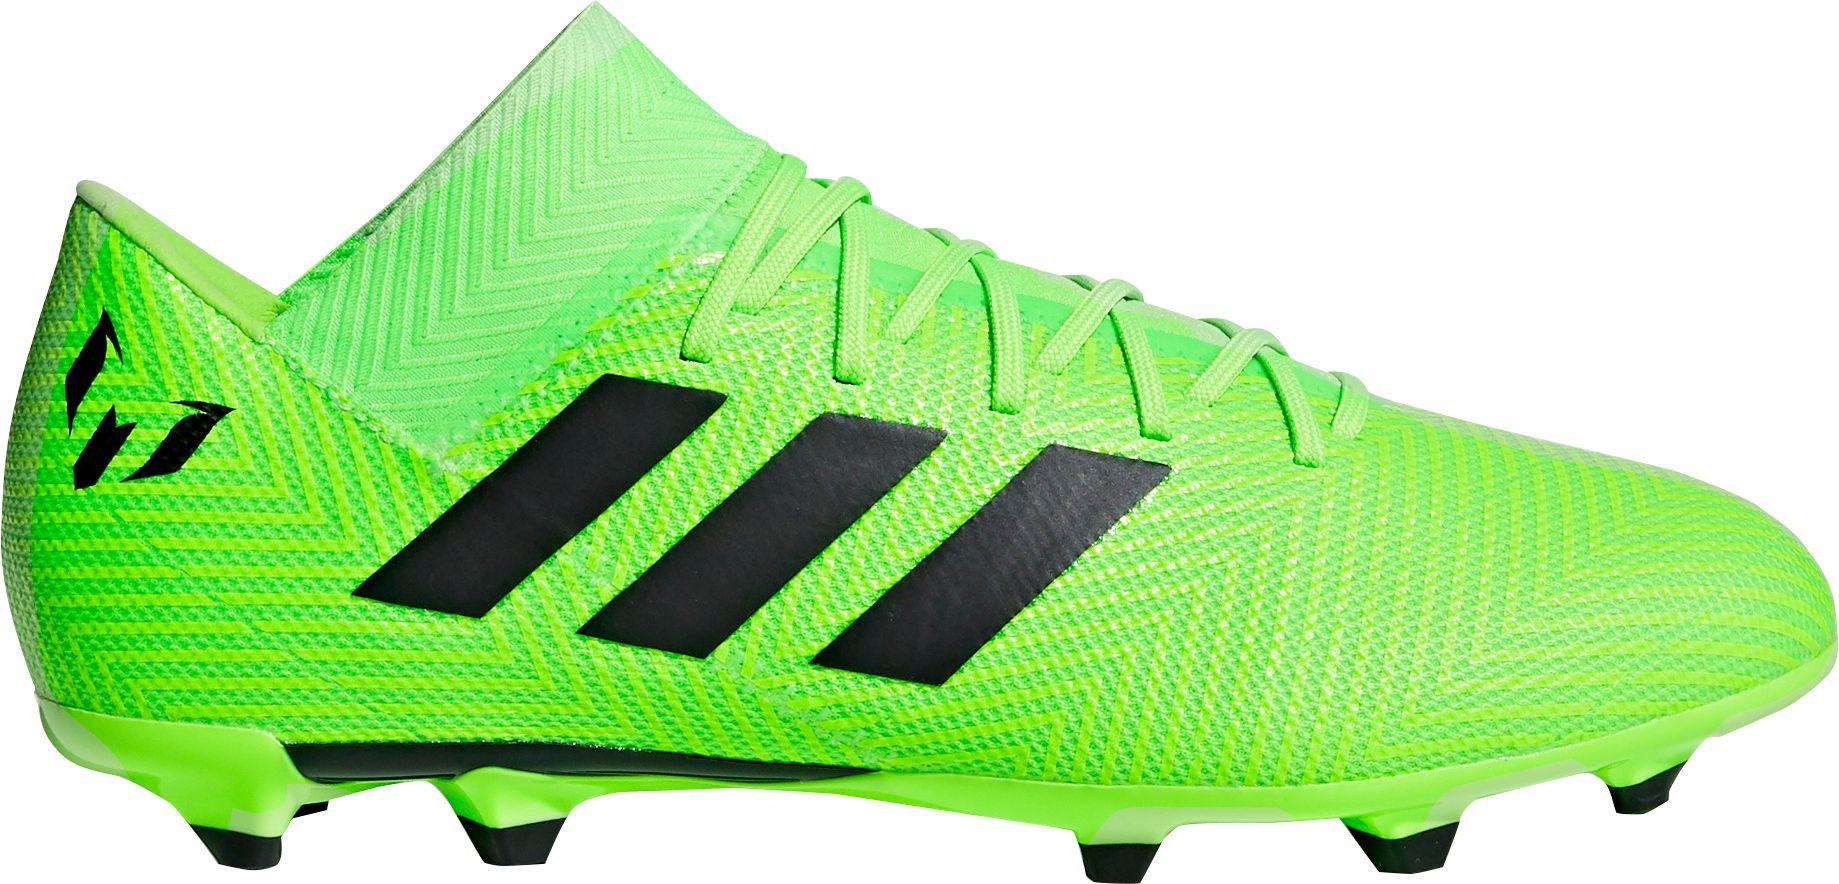 ad97231d1 adidas Men's Nemeziz Messi 18.3 FG Soccer Cleats, Green | Products ...